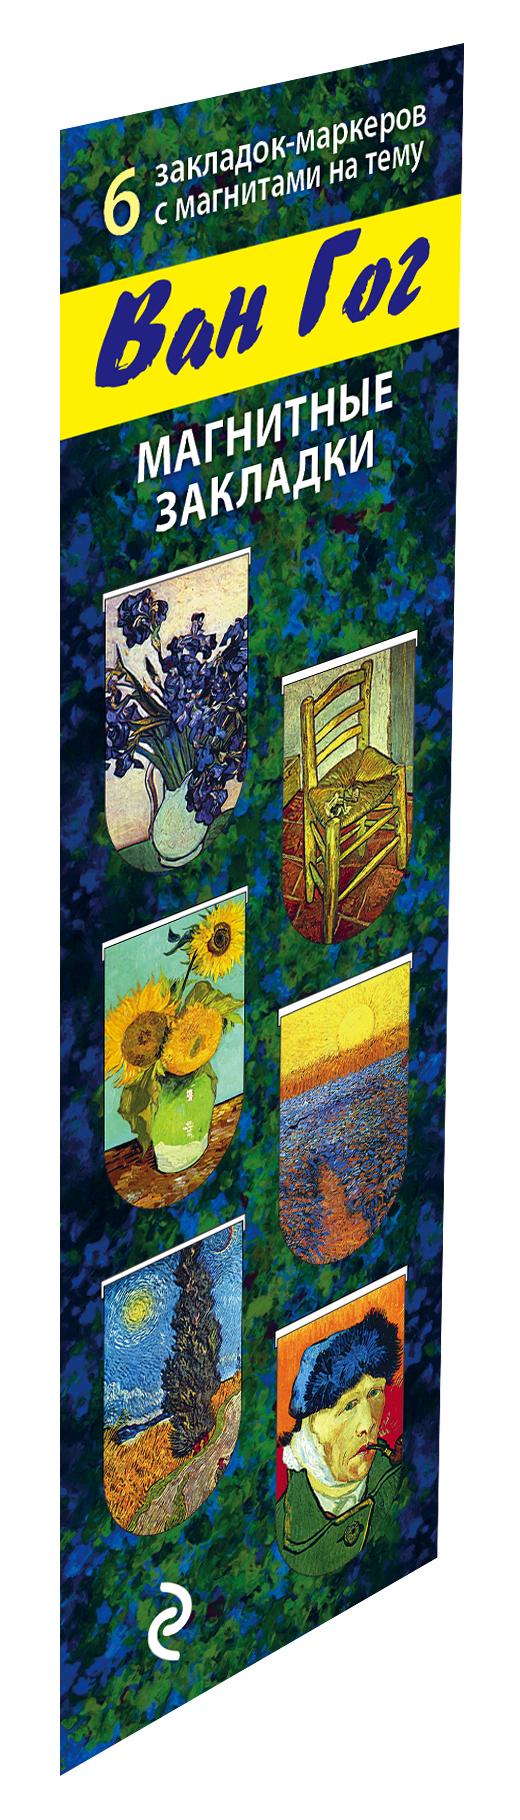 Магнитные закладки. Ван Гог (6 закладок полукругл.)